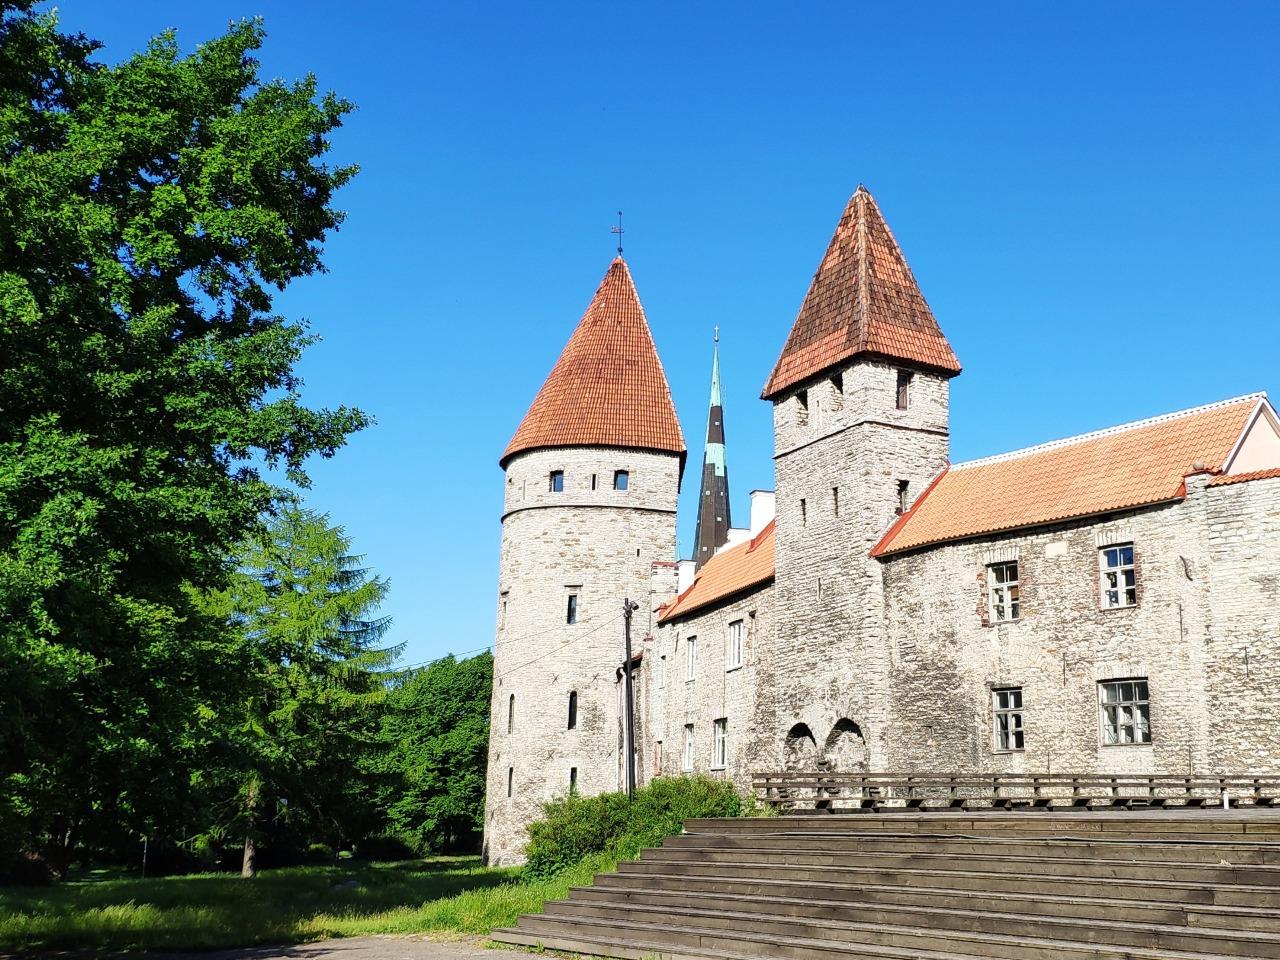 Крепостные стены и башни Ревеля - индивидуальная экскурсия в Таллине от опытного гида